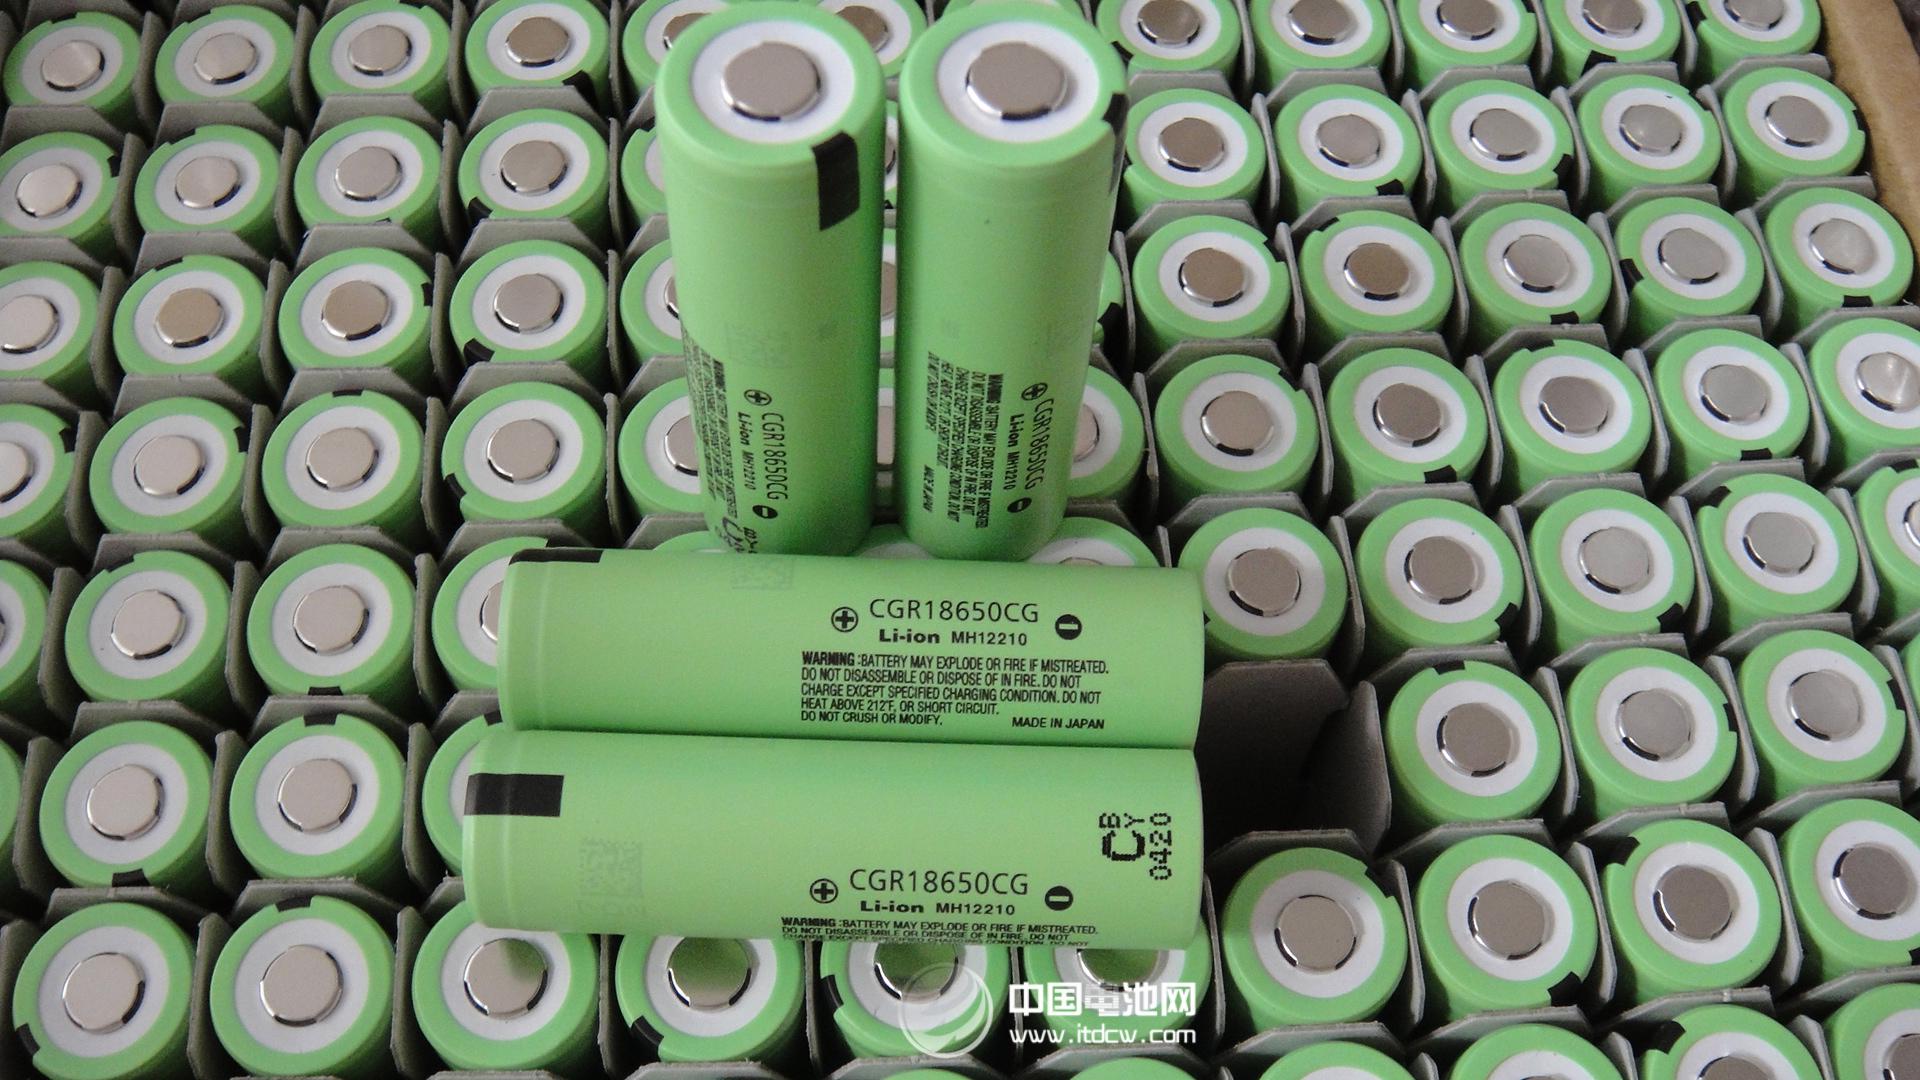 动力电池迎来报废潮 电池企业布局梯次利用市场